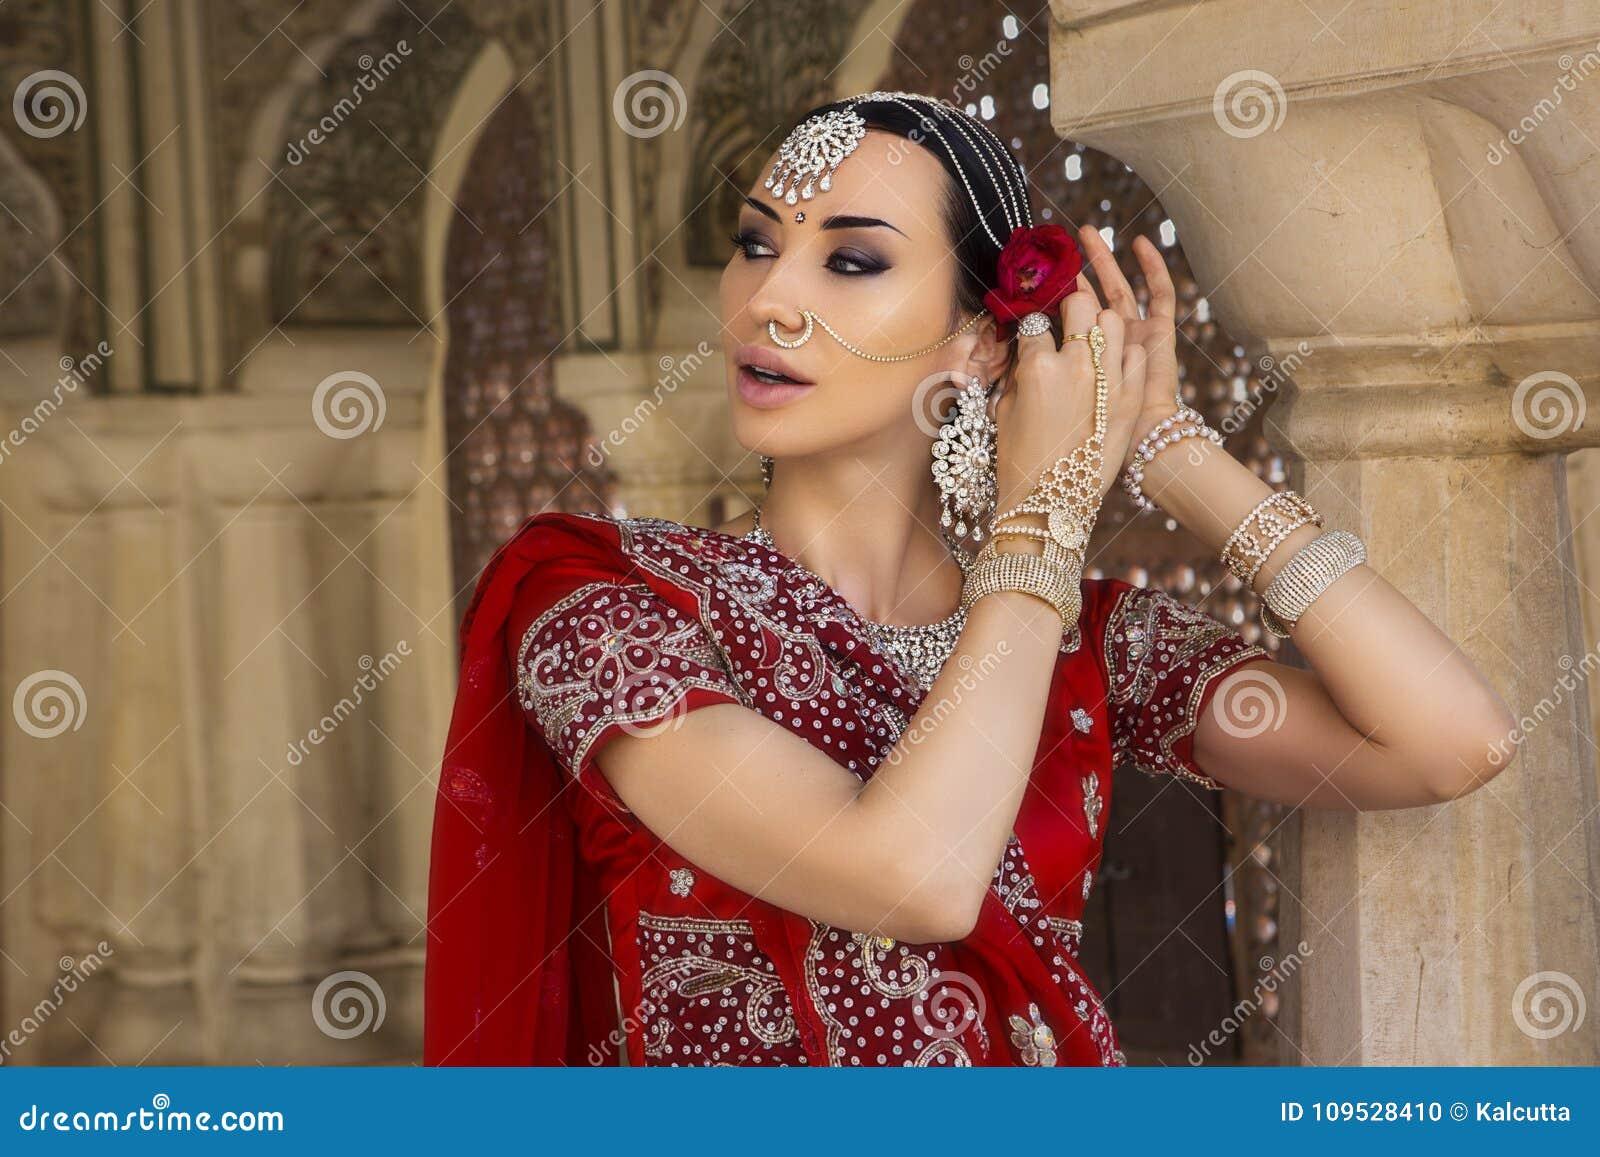 Abbigliamento Tradizionale Bella Donna Indiana In Con Giovane IzZxza b2746230eb1